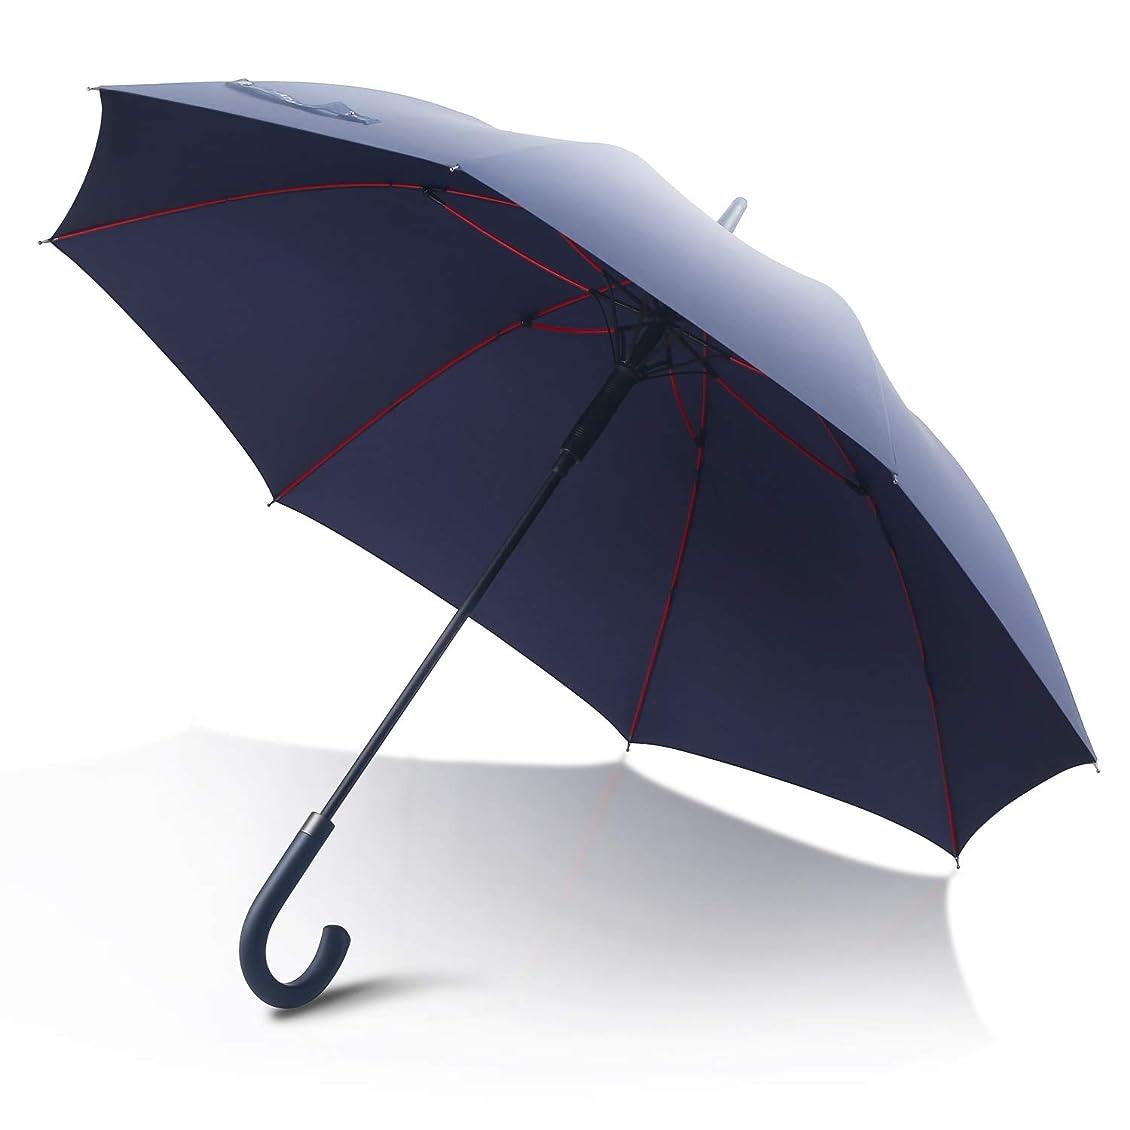 トラック糸統治するmacocca(マコッカ) 完全遮光 遮光率100% UVカット率100% 超撥水 耐風骨 晴雨兼用傘 大きめ 55cm 折りたたみ傘 makez. マケズ